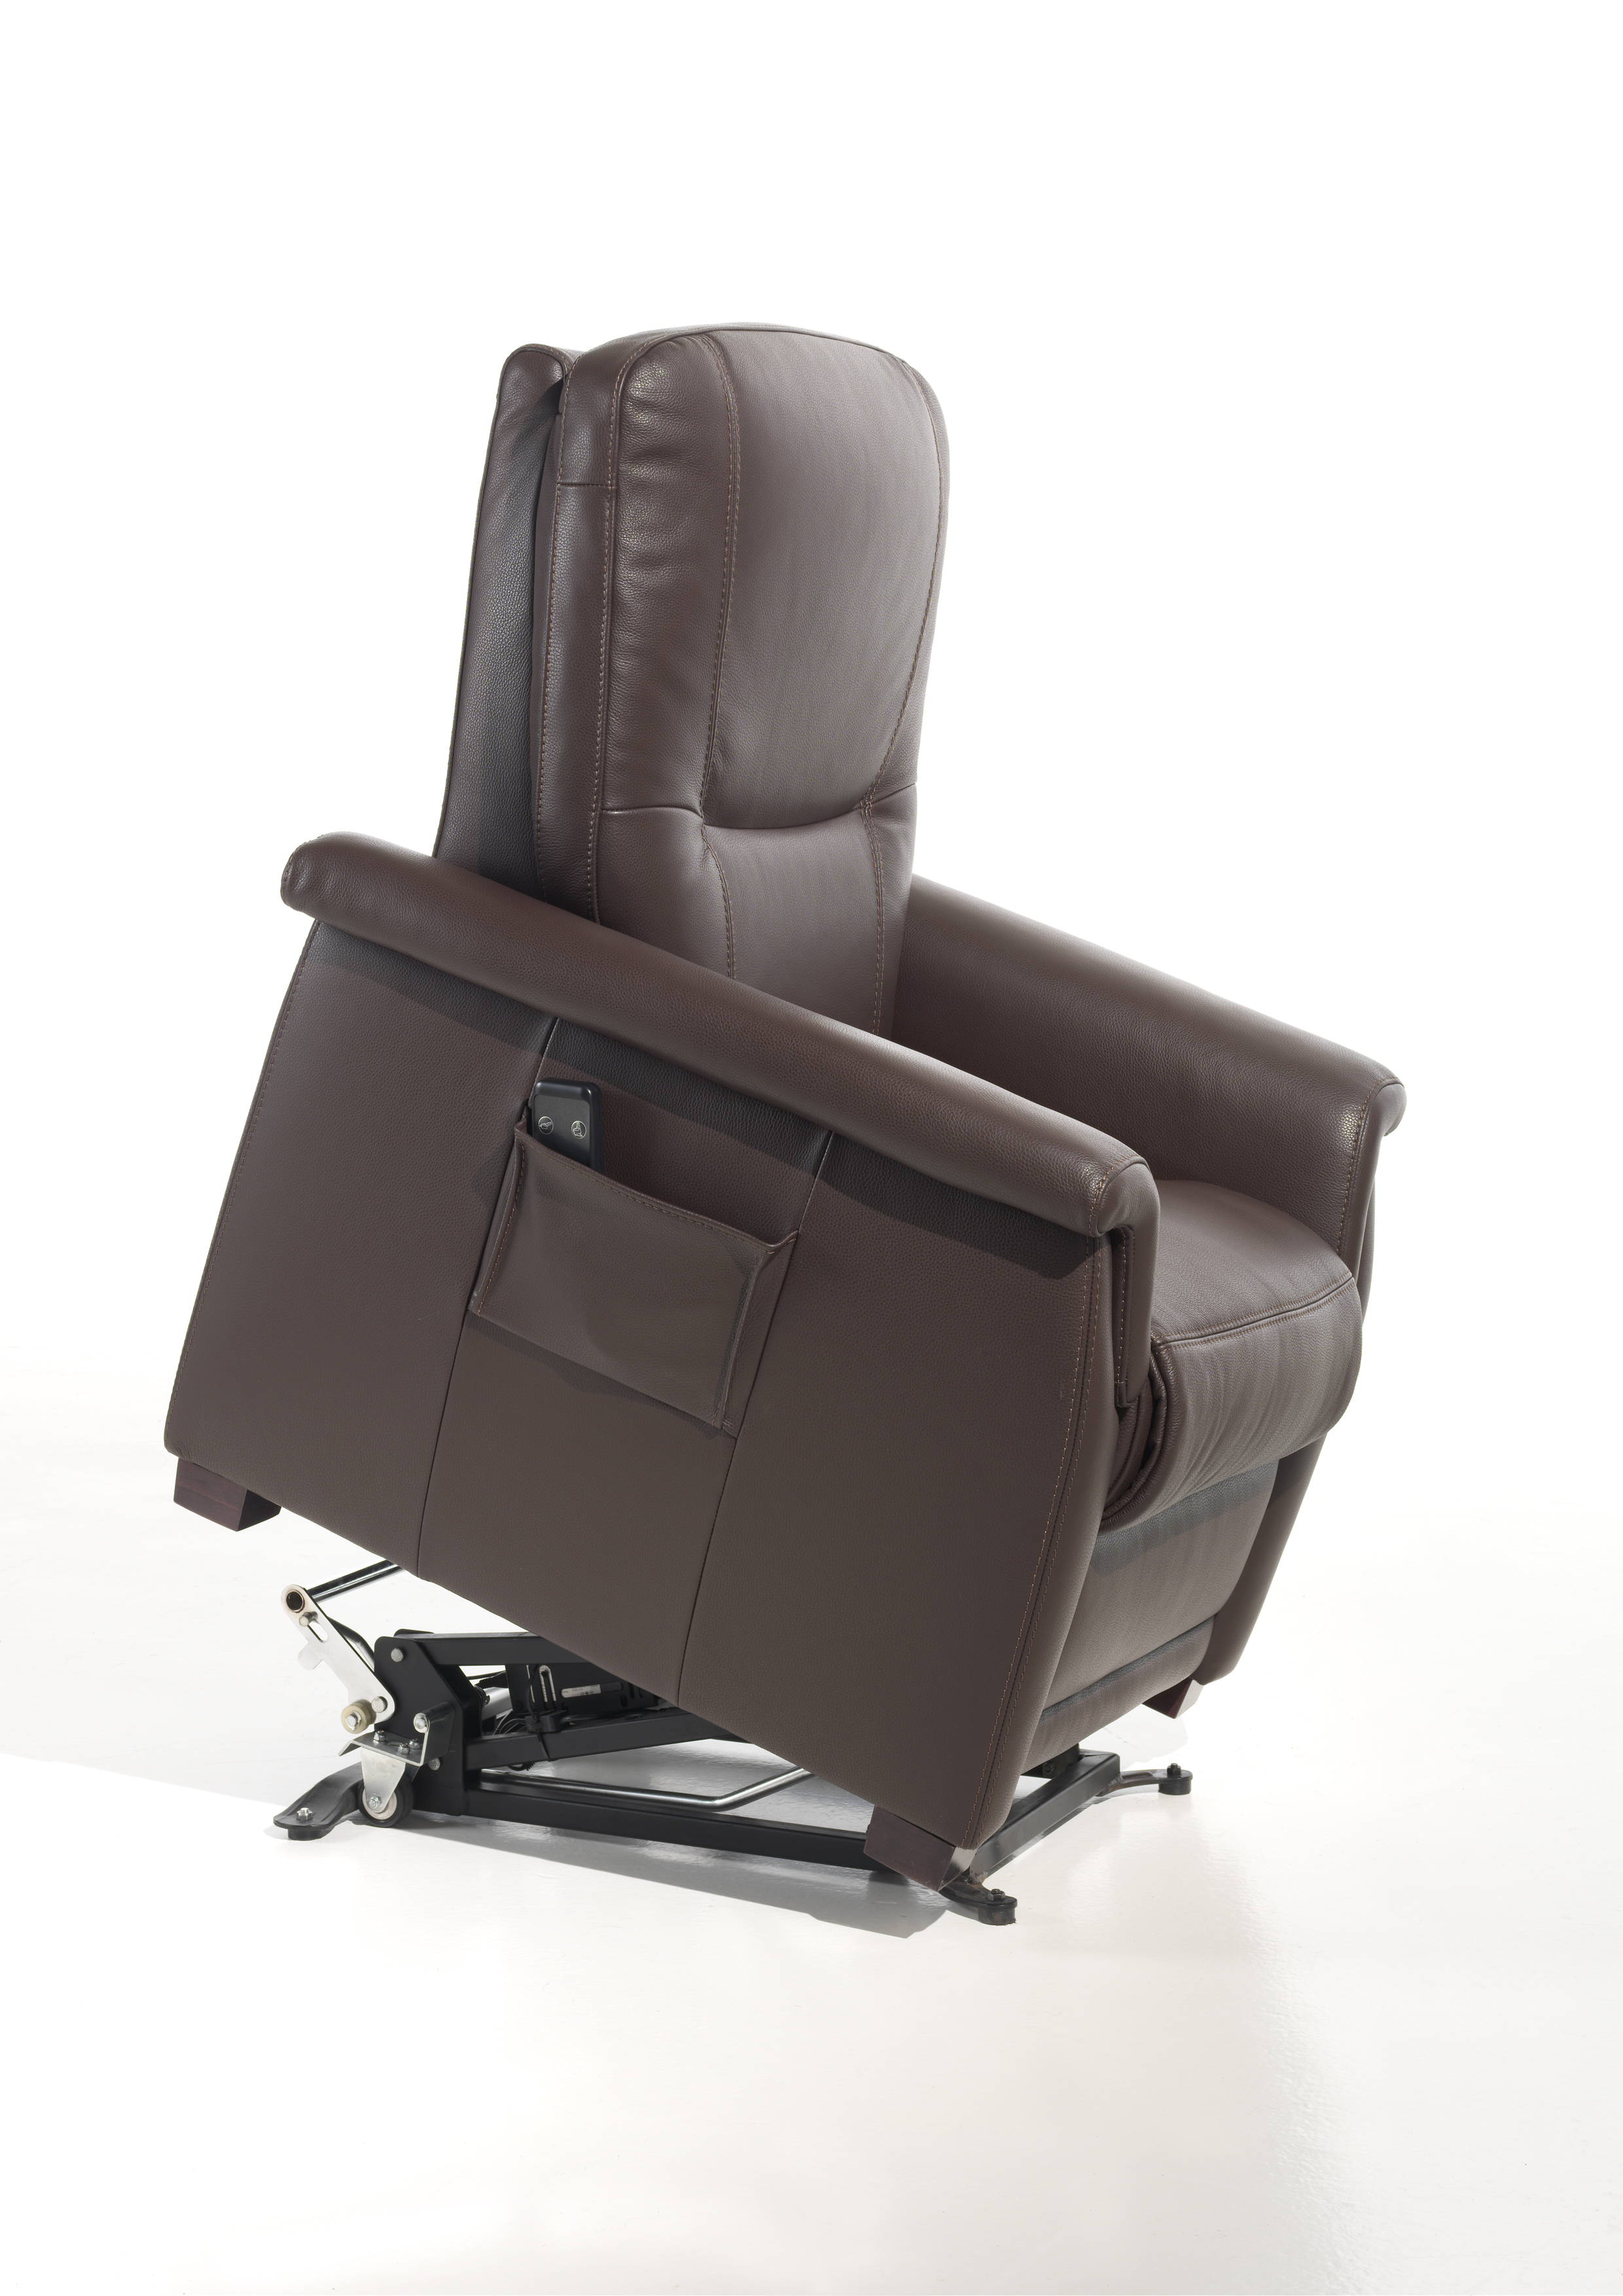 Elektrische Relaxzetel Kopen.Elektrische Relaxzetel Met Tillift Relax Chair Recliner En